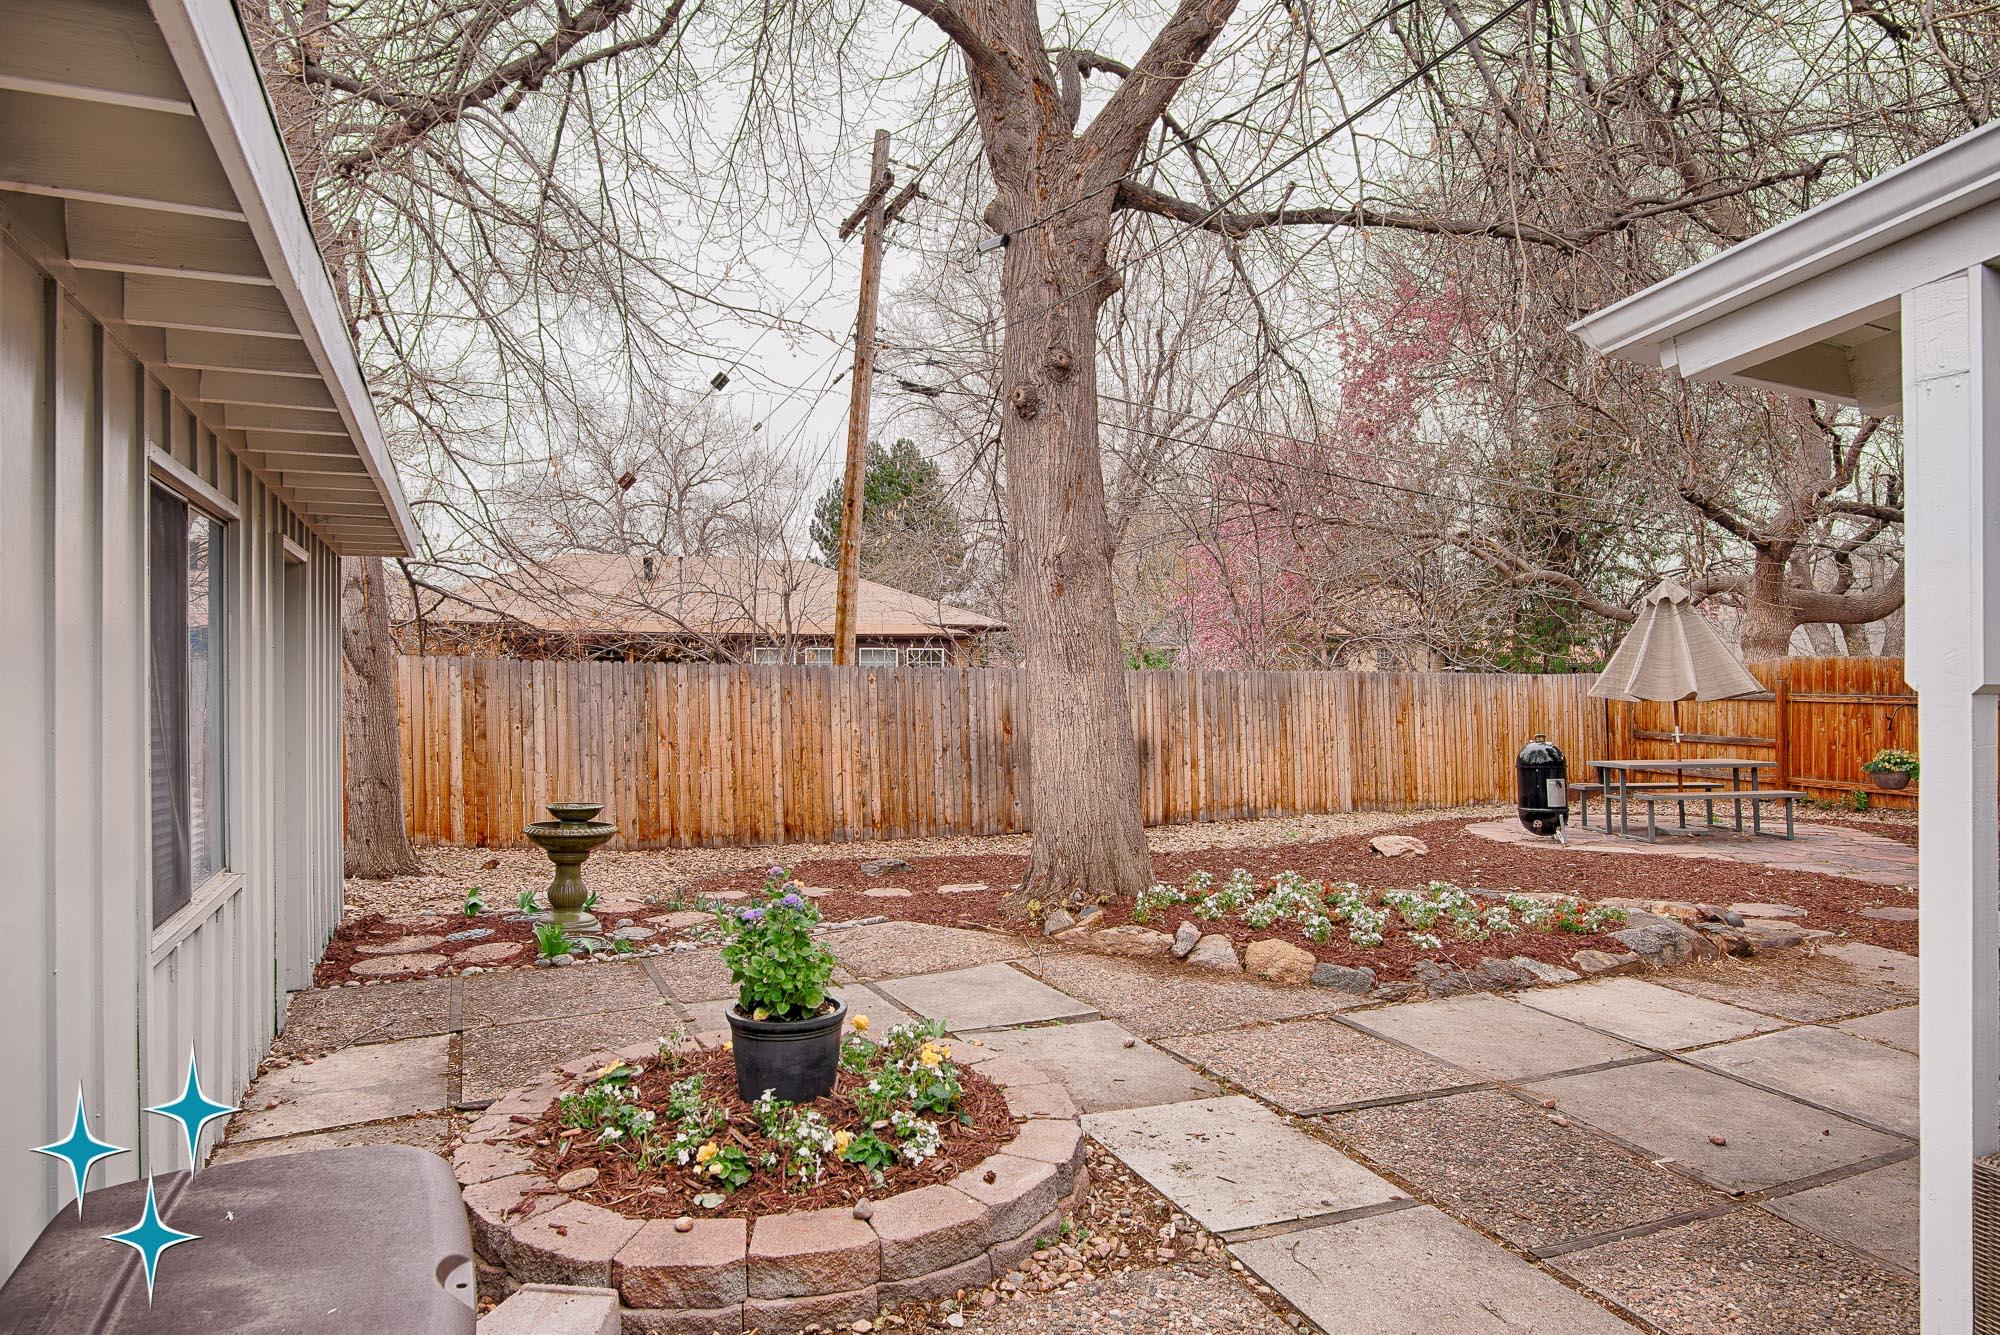 Adrian-Kinney-2671-S-Dennison-Court-Denver-Eugene-Sternberg-2000w50-3SWM-14.jpg